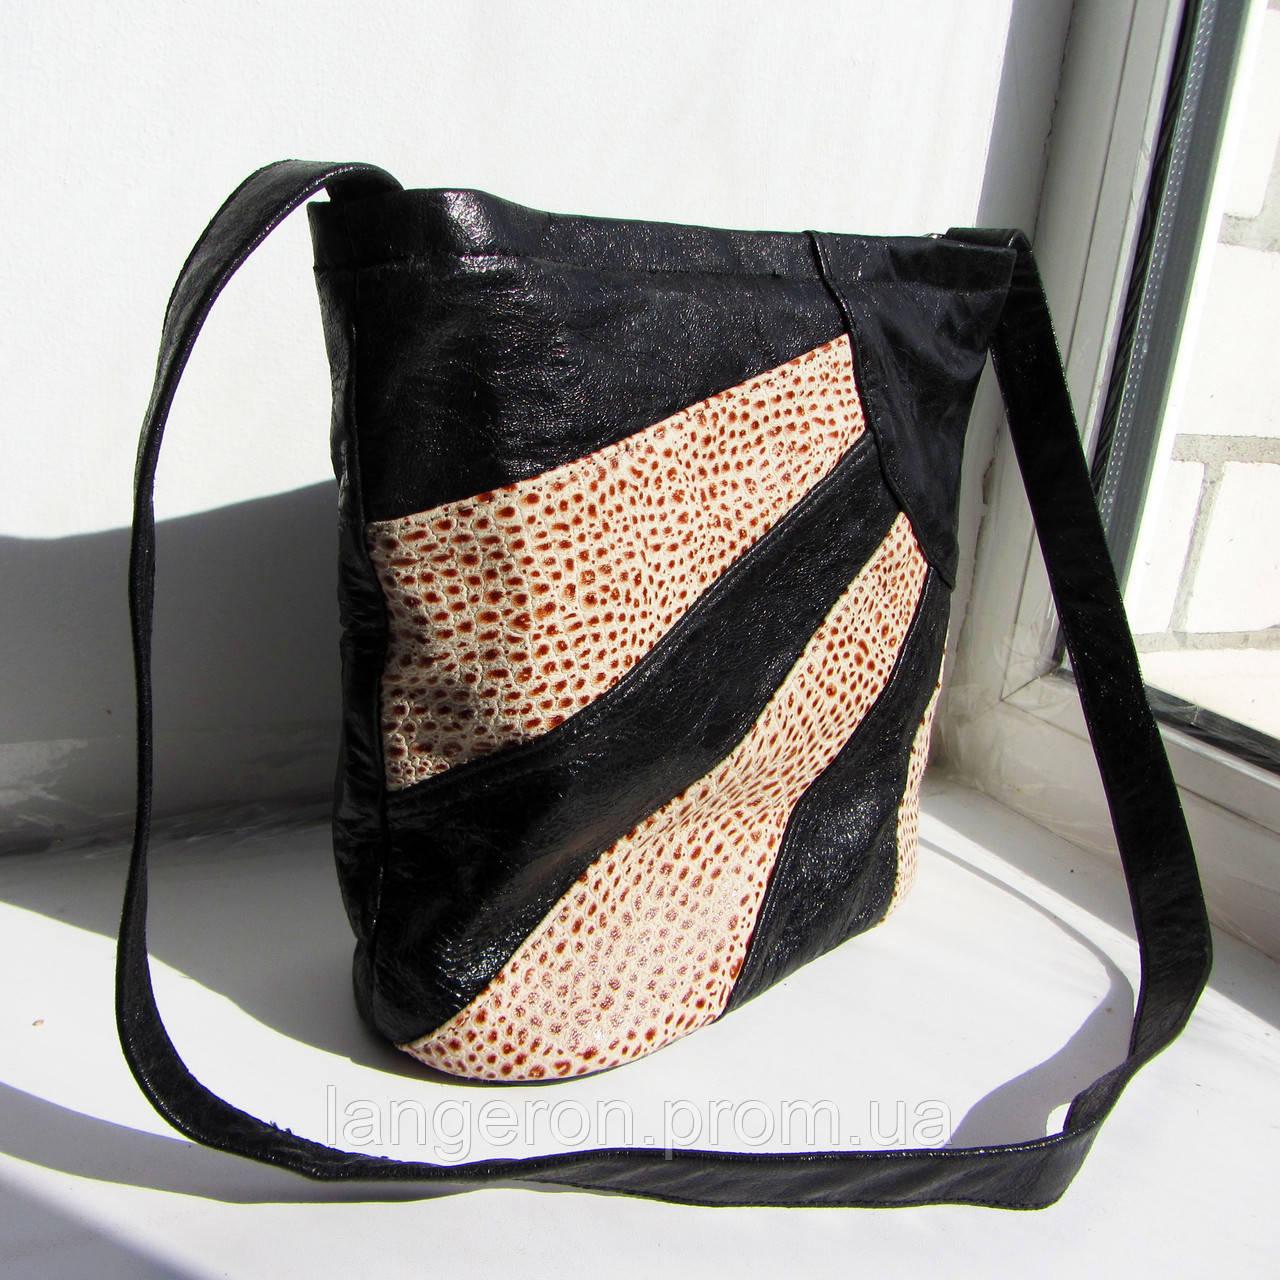 Сумка из натуральной кожи модель №5 с 6 карманами для деловой стильной женщины  - купить со скидкой